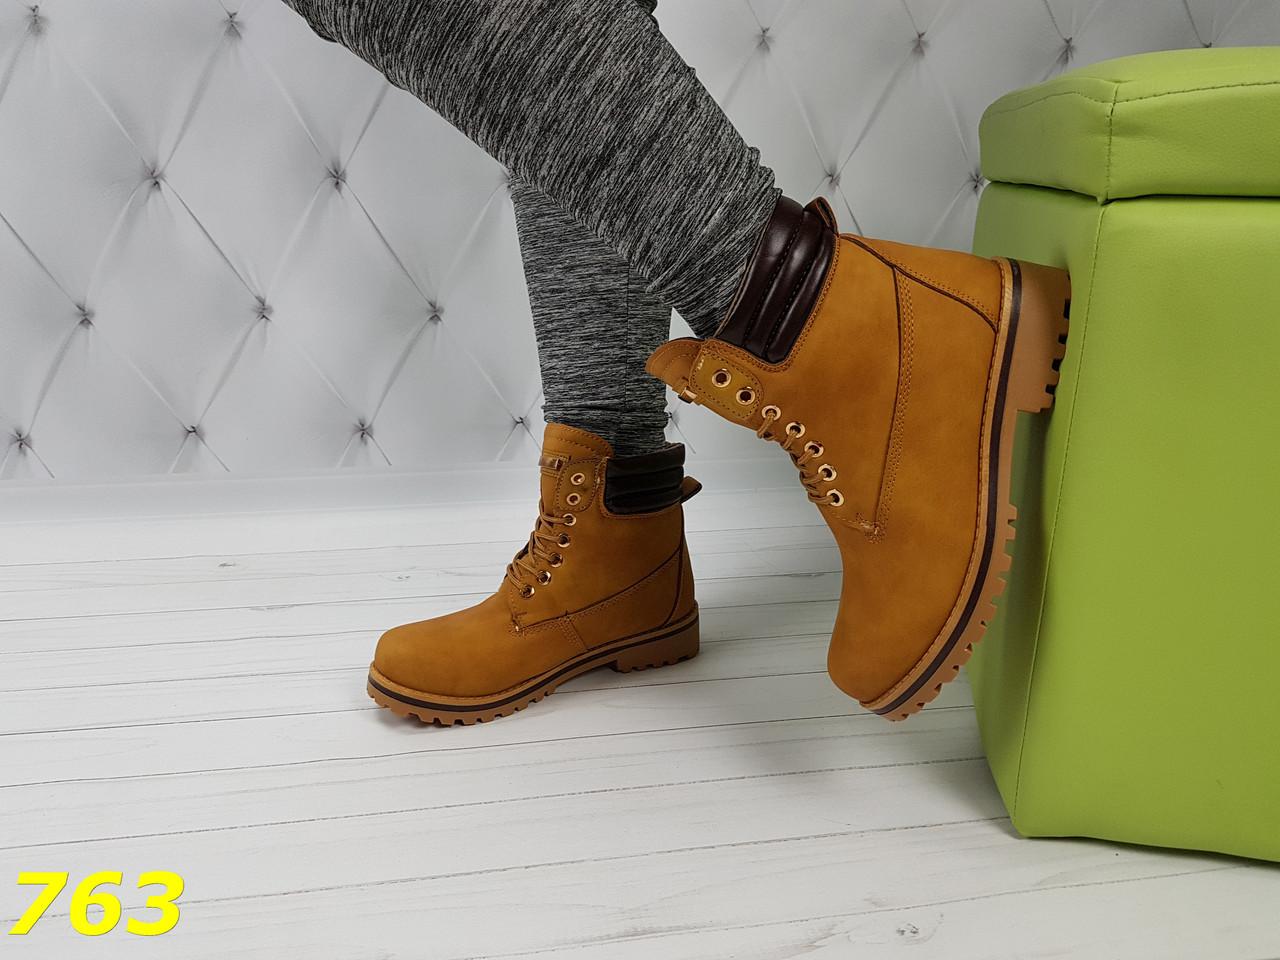 Ботинки тимбер коричневые зима очень теплые В НАЛИЧИИ ТОЛЬКО 39р